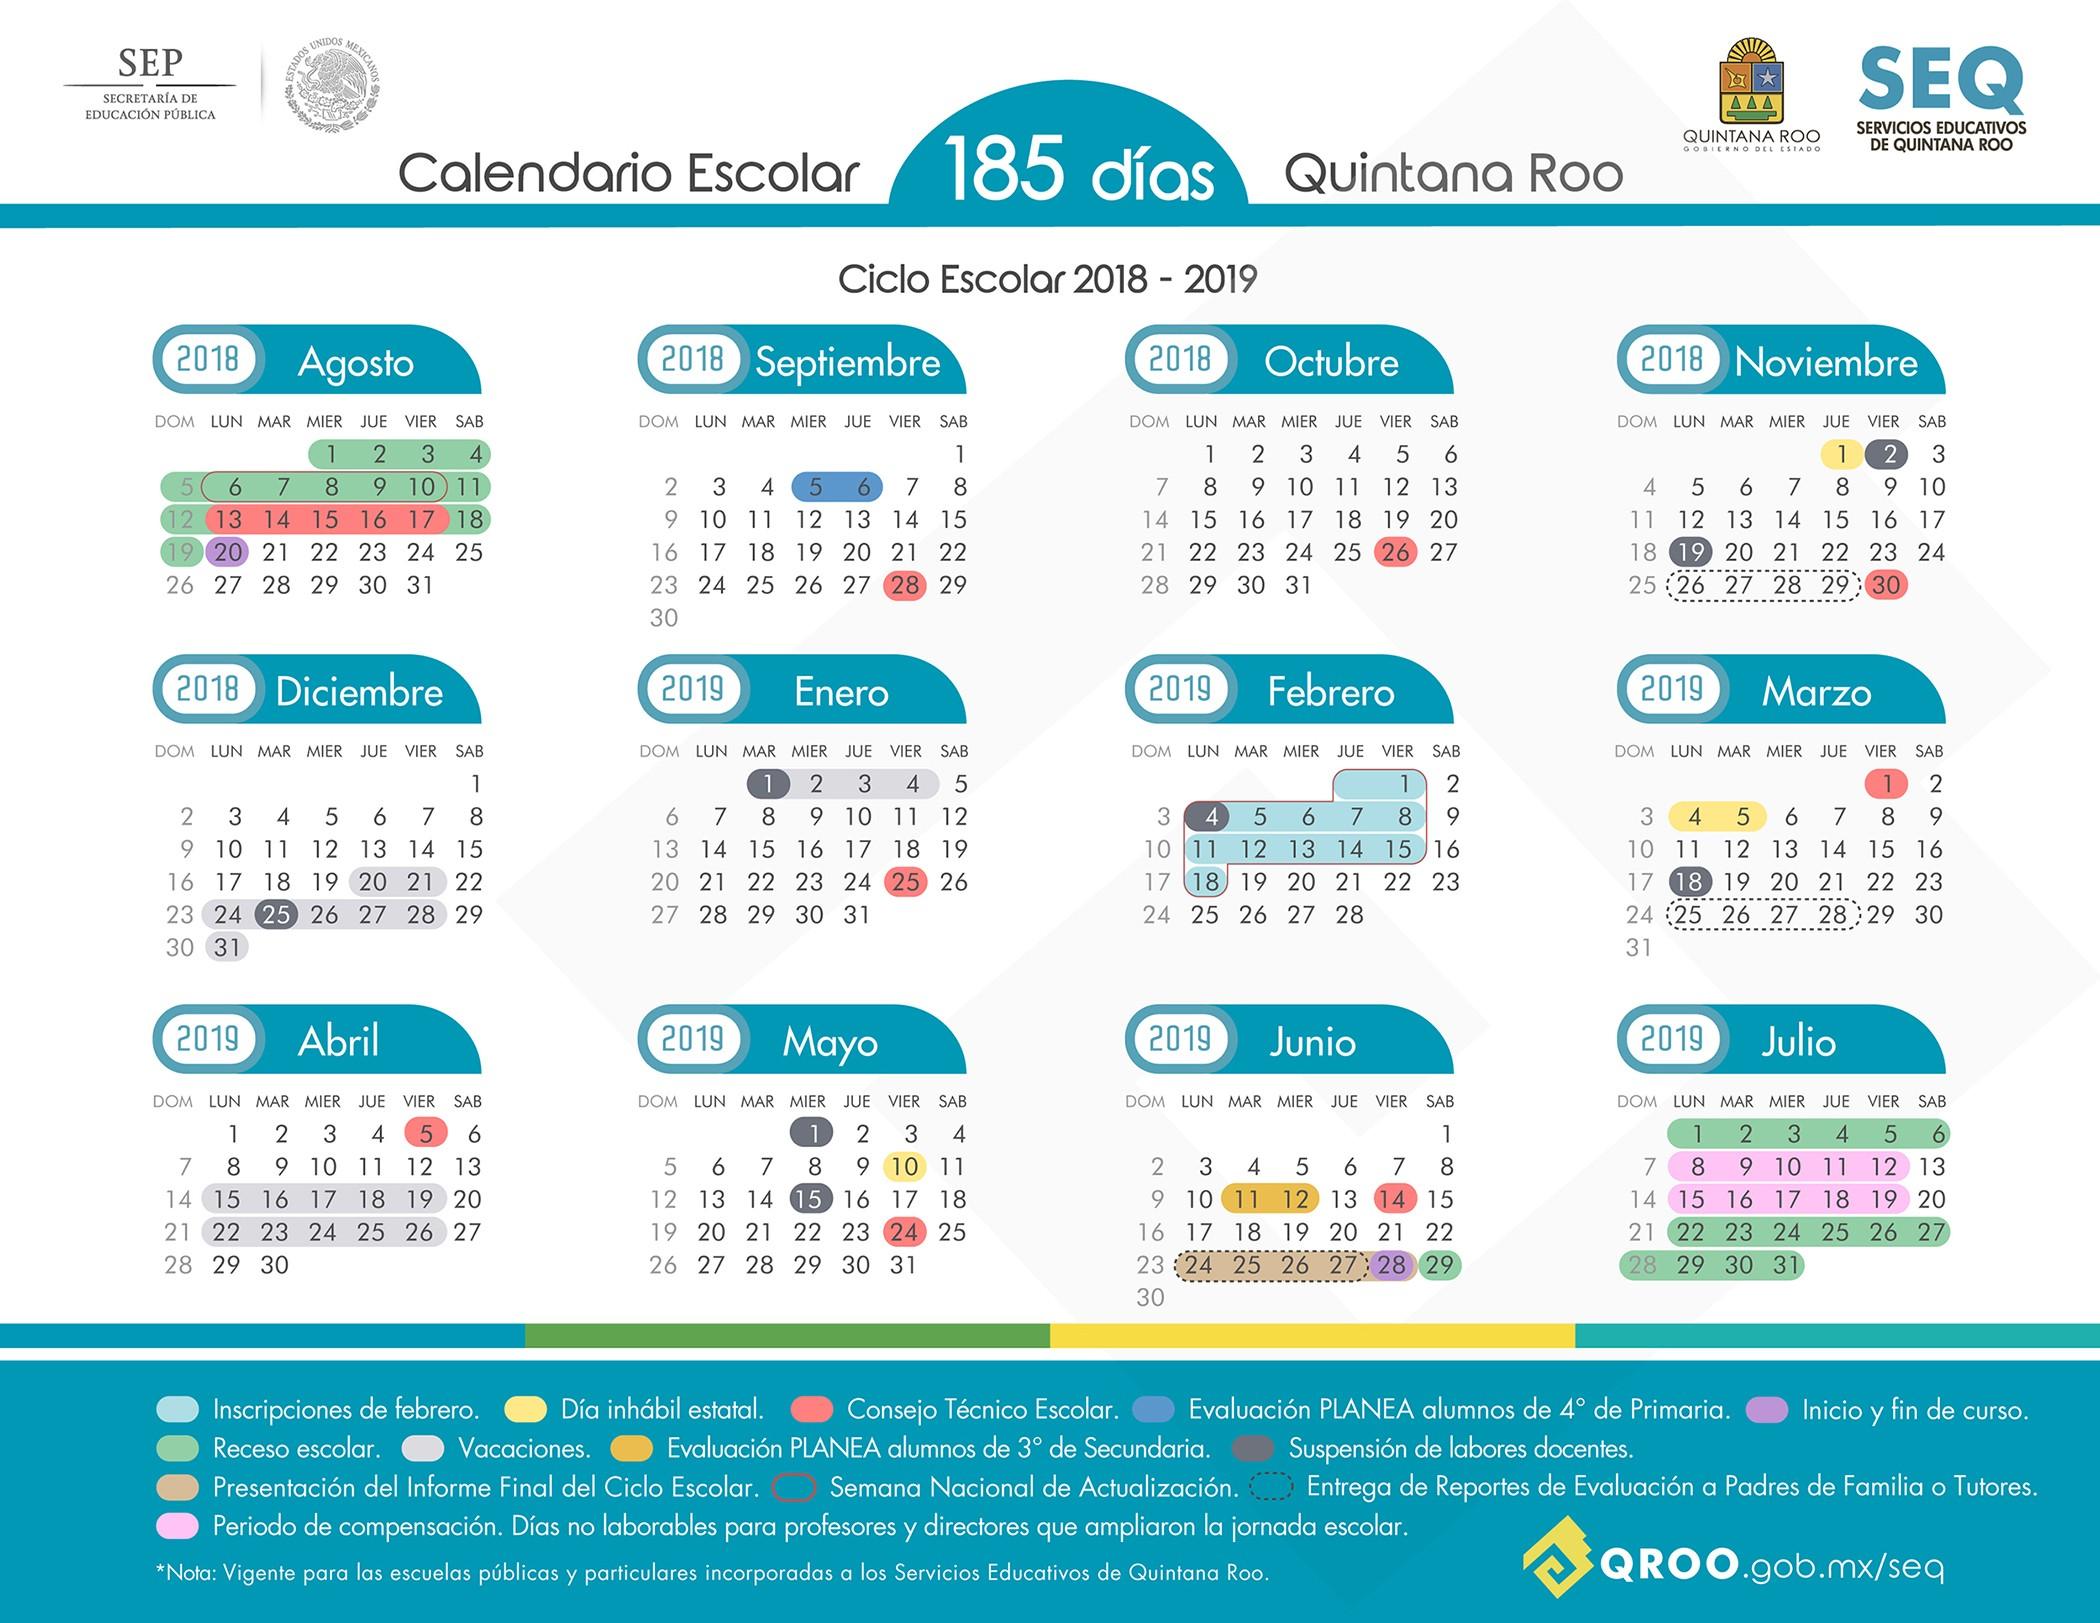 Calendario Septiembre 2019 Mexico Para Imprimir Más Reciente Calendario Escolar 2018 2019 Of Calendario Septiembre 2019 Mexico Para Imprimir Más Recientes Se Abren Las Postulaciones Para La Escuela De Sistemas Plejos